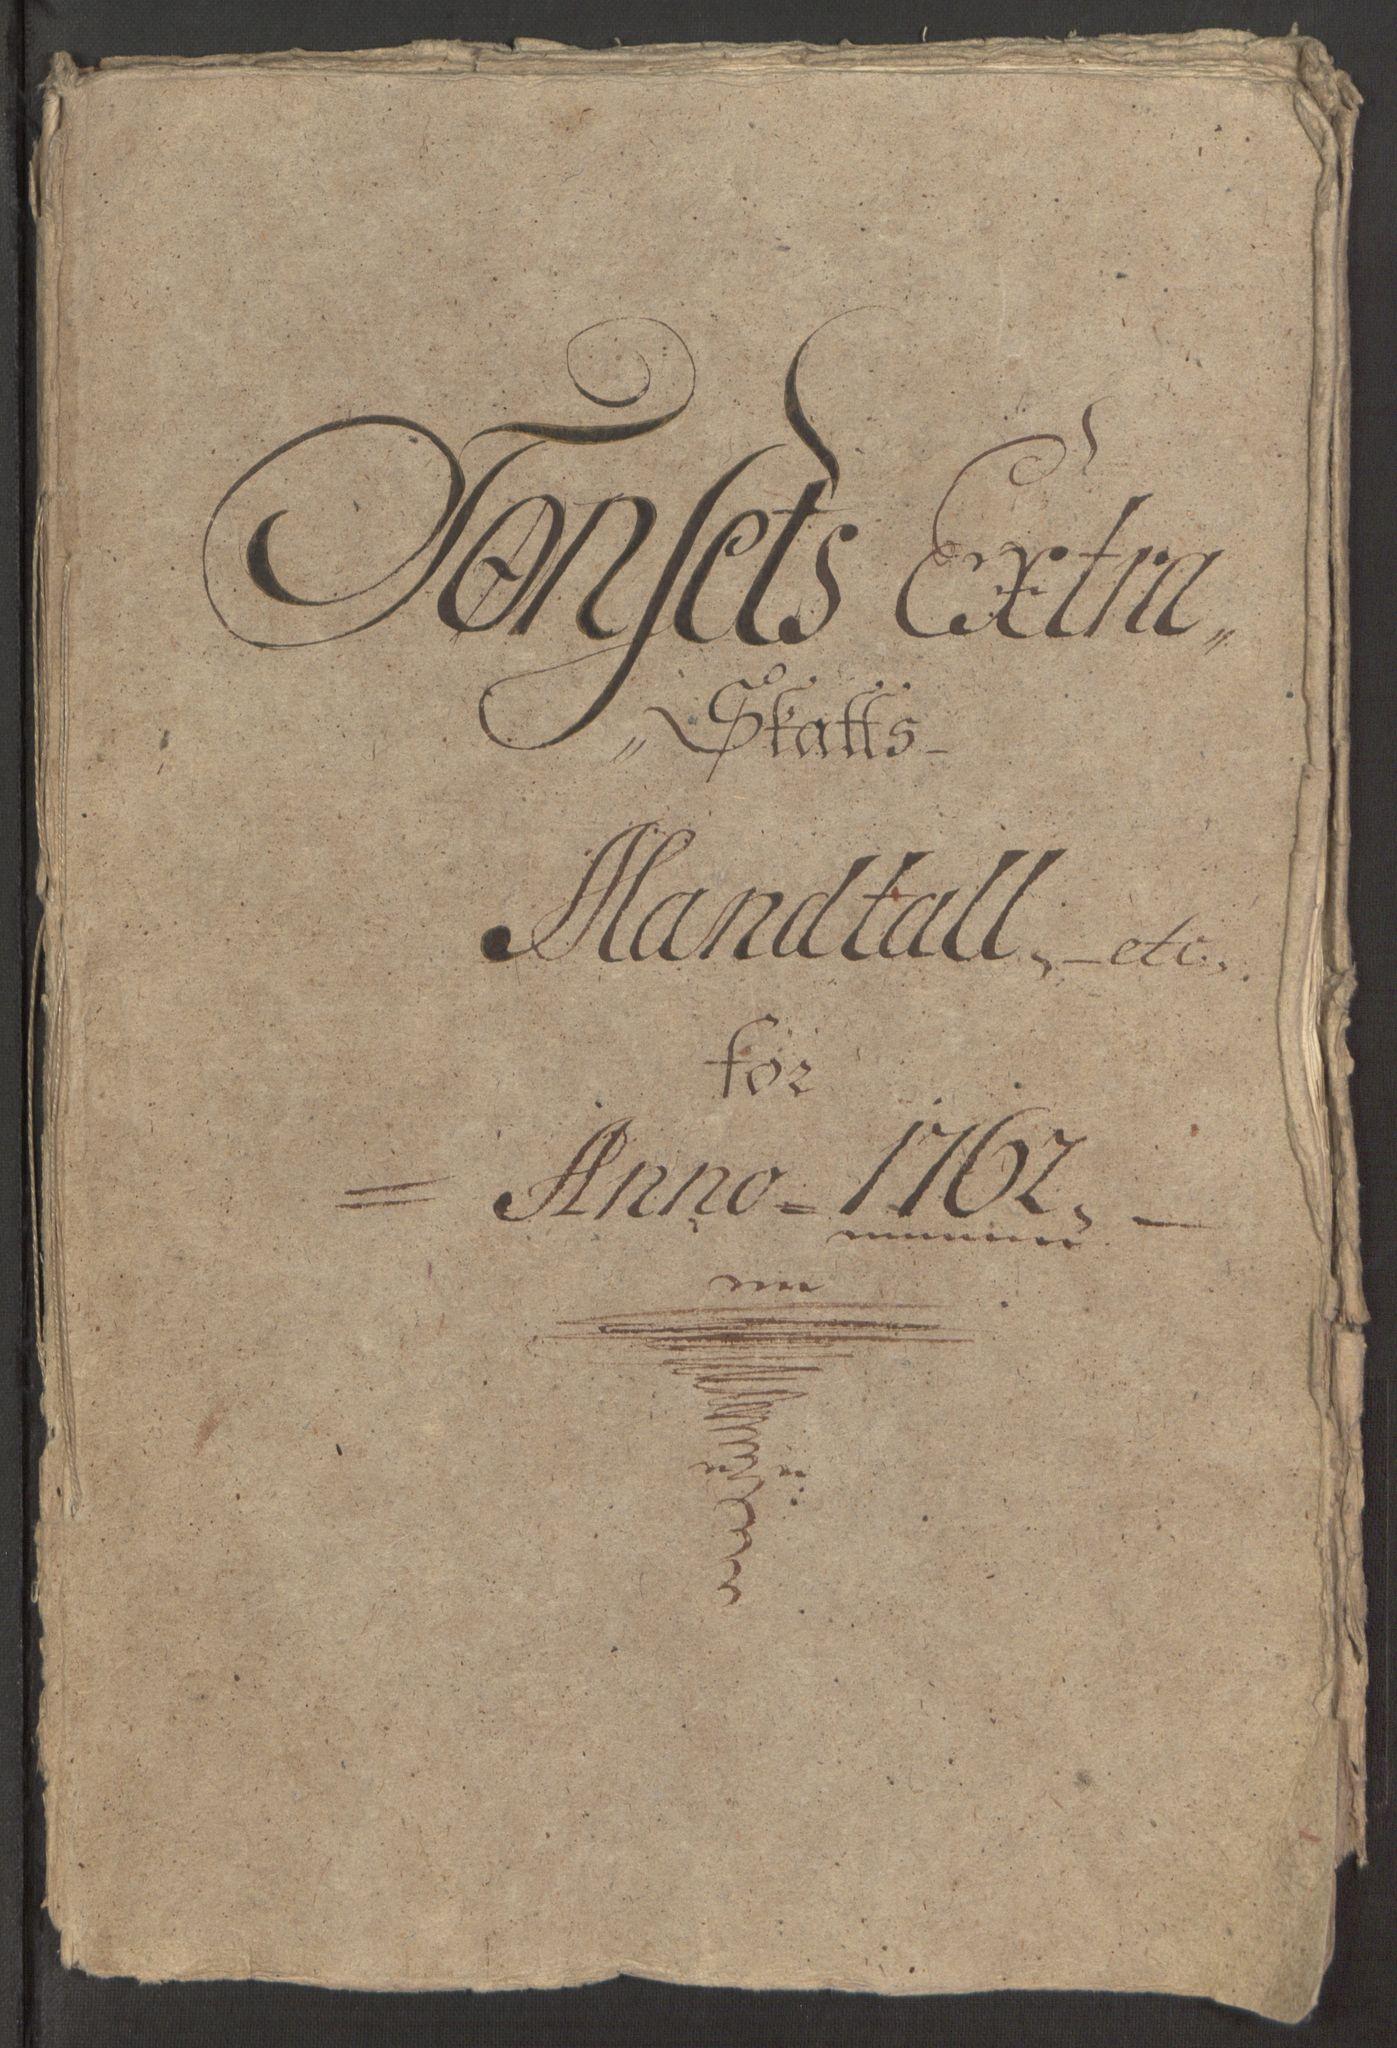 RA, Rentekammeret inntil 1814, Reviderte regnskaper, Fogderegnskap, R15/L1014: Ekstraskatten Østerdal, 1762-1764, s. 371